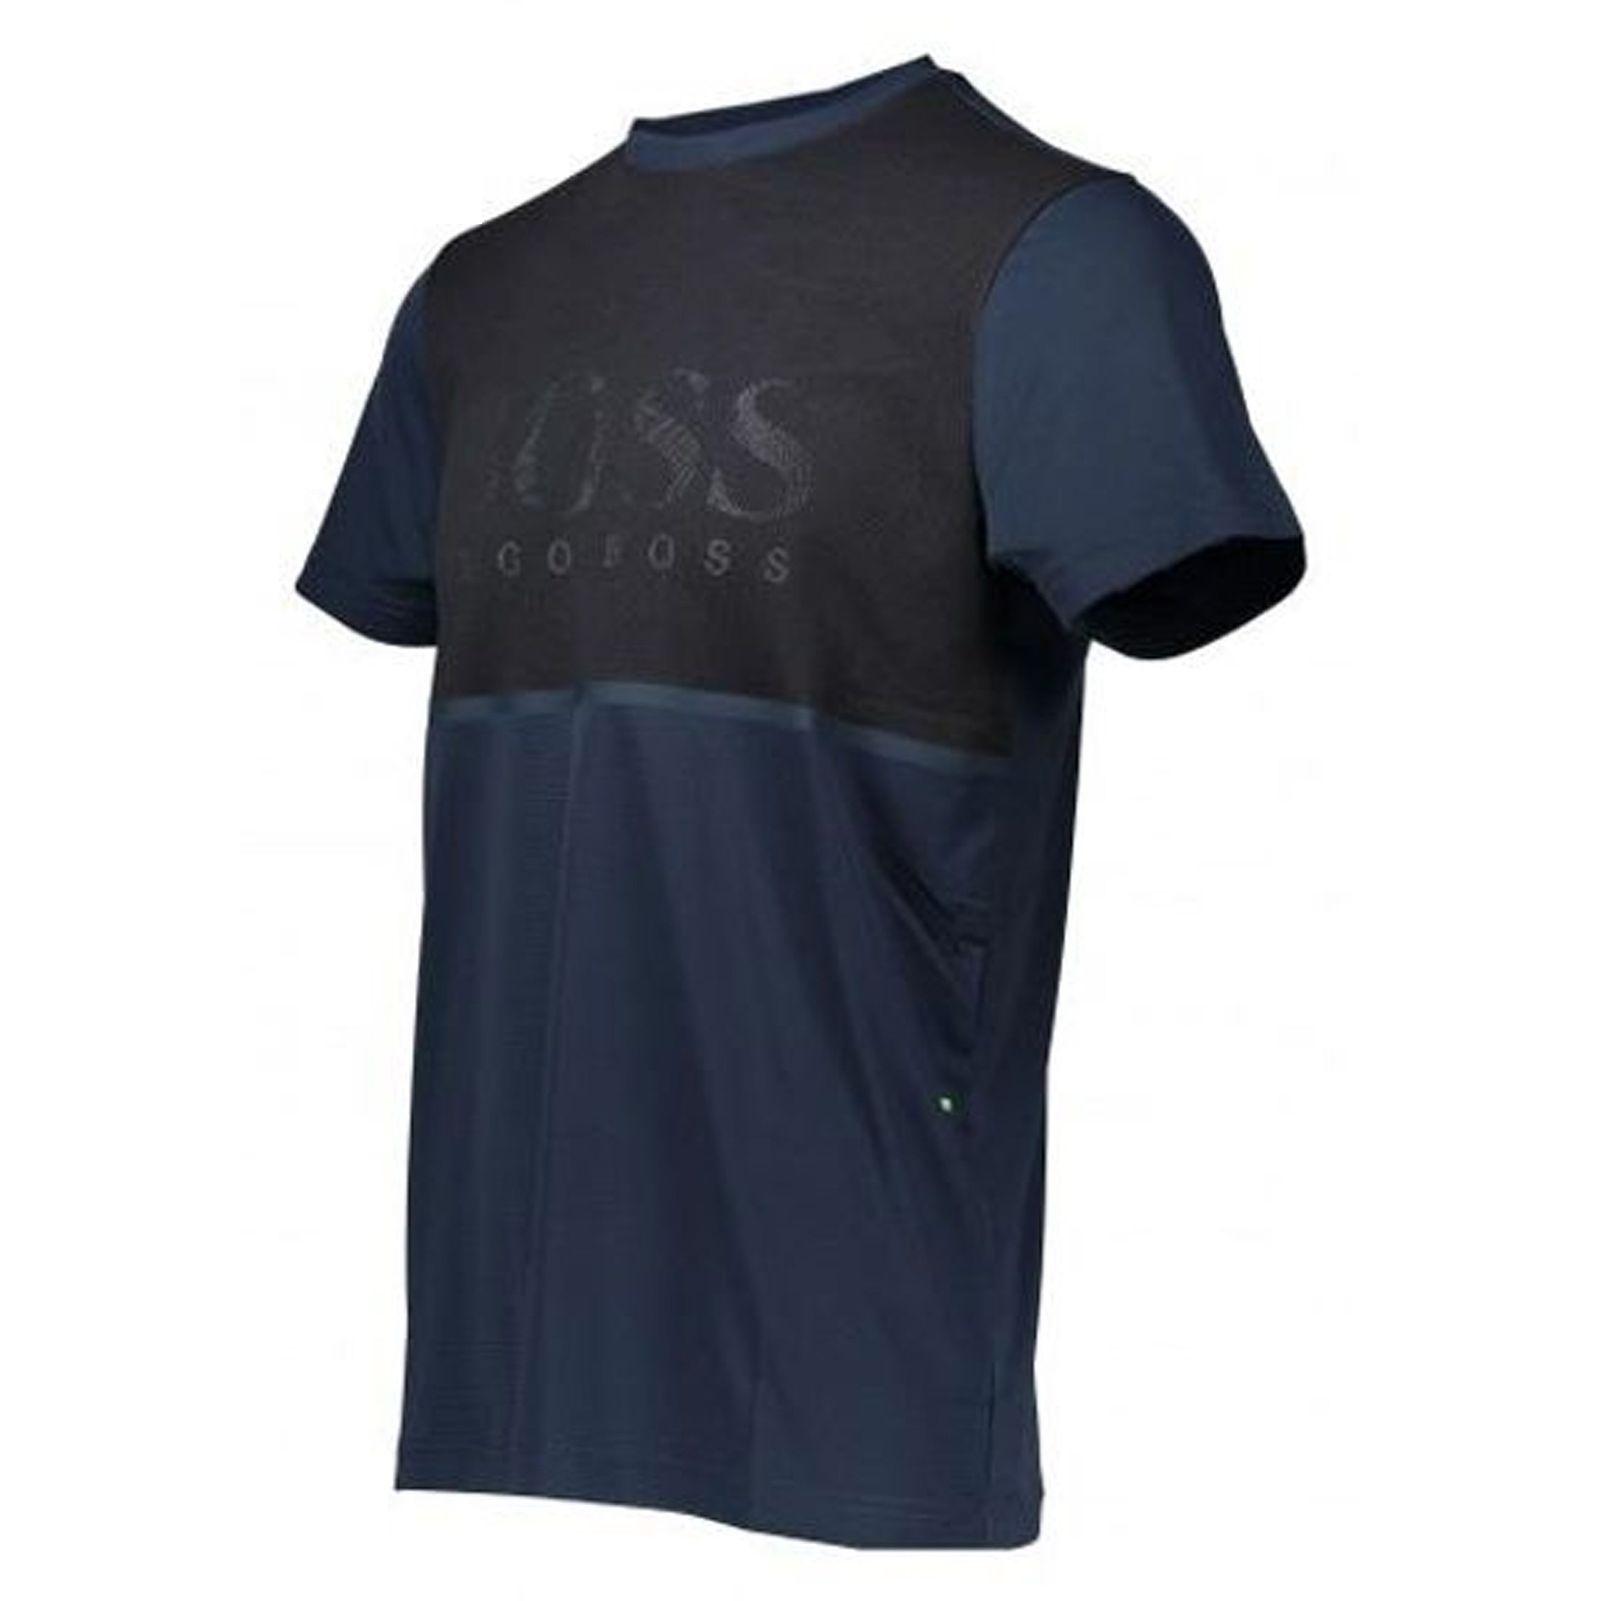 تی شرت یقه گرد مردانه Tearotech - باس - سرمه اي - 4